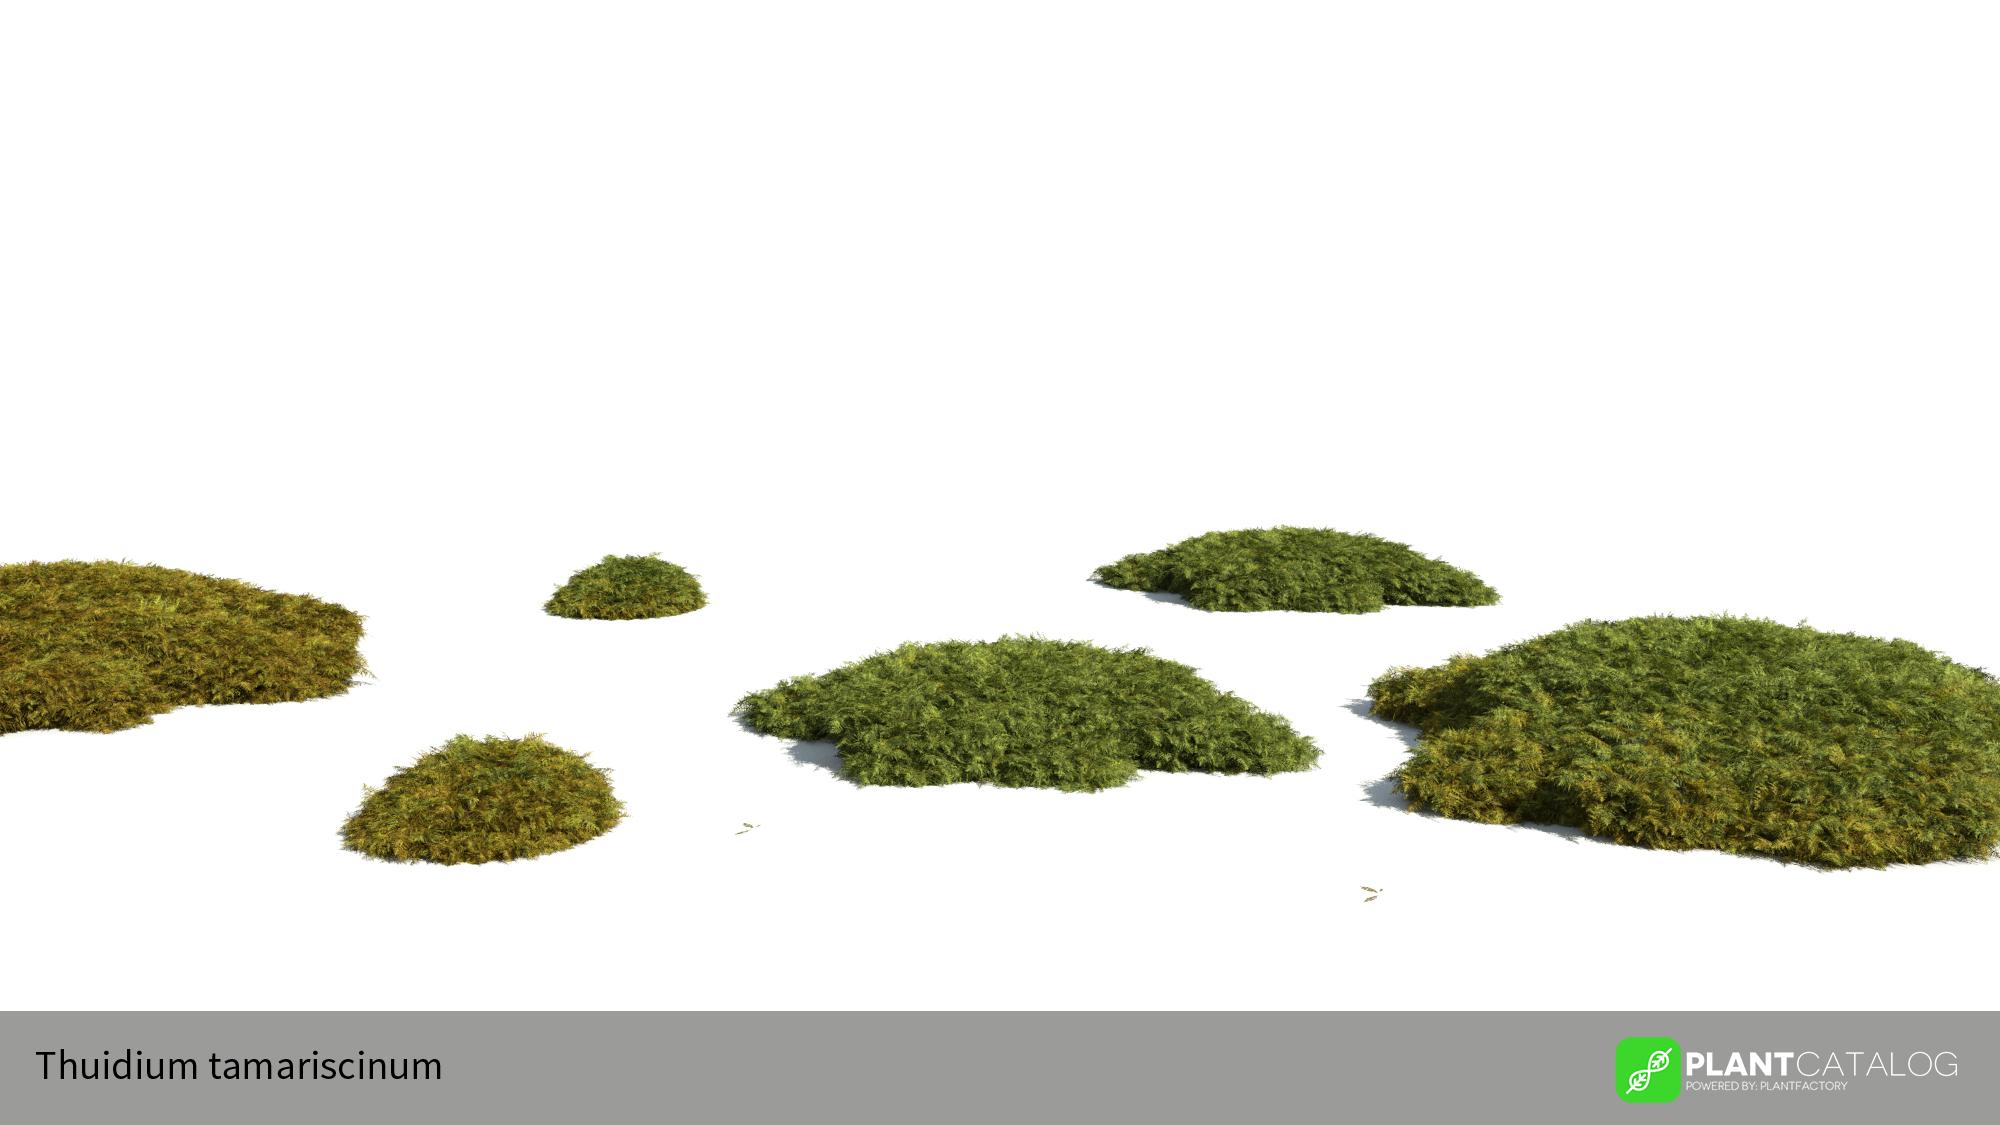 3D model of the Tamarisk moss - Thuidium tamariscinum - from the PlantCatalog, rendered in VUE